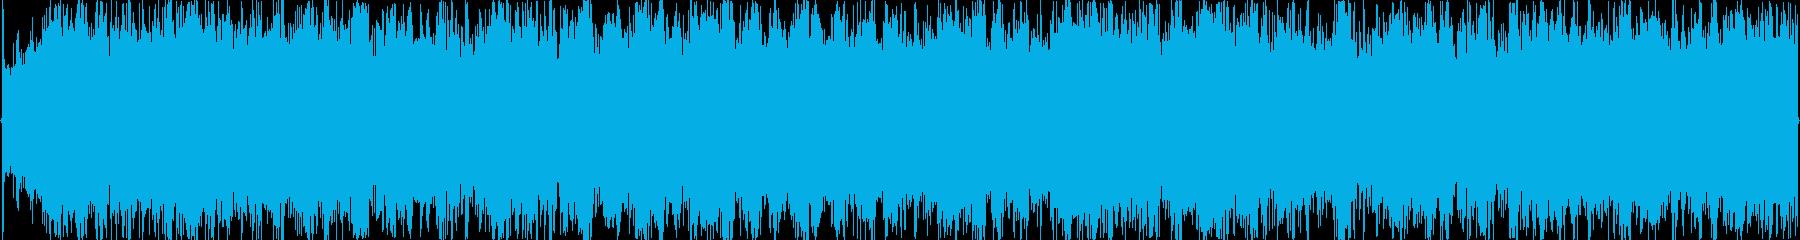 キュートなガールズコーラス入りBGMの再生済みの波形